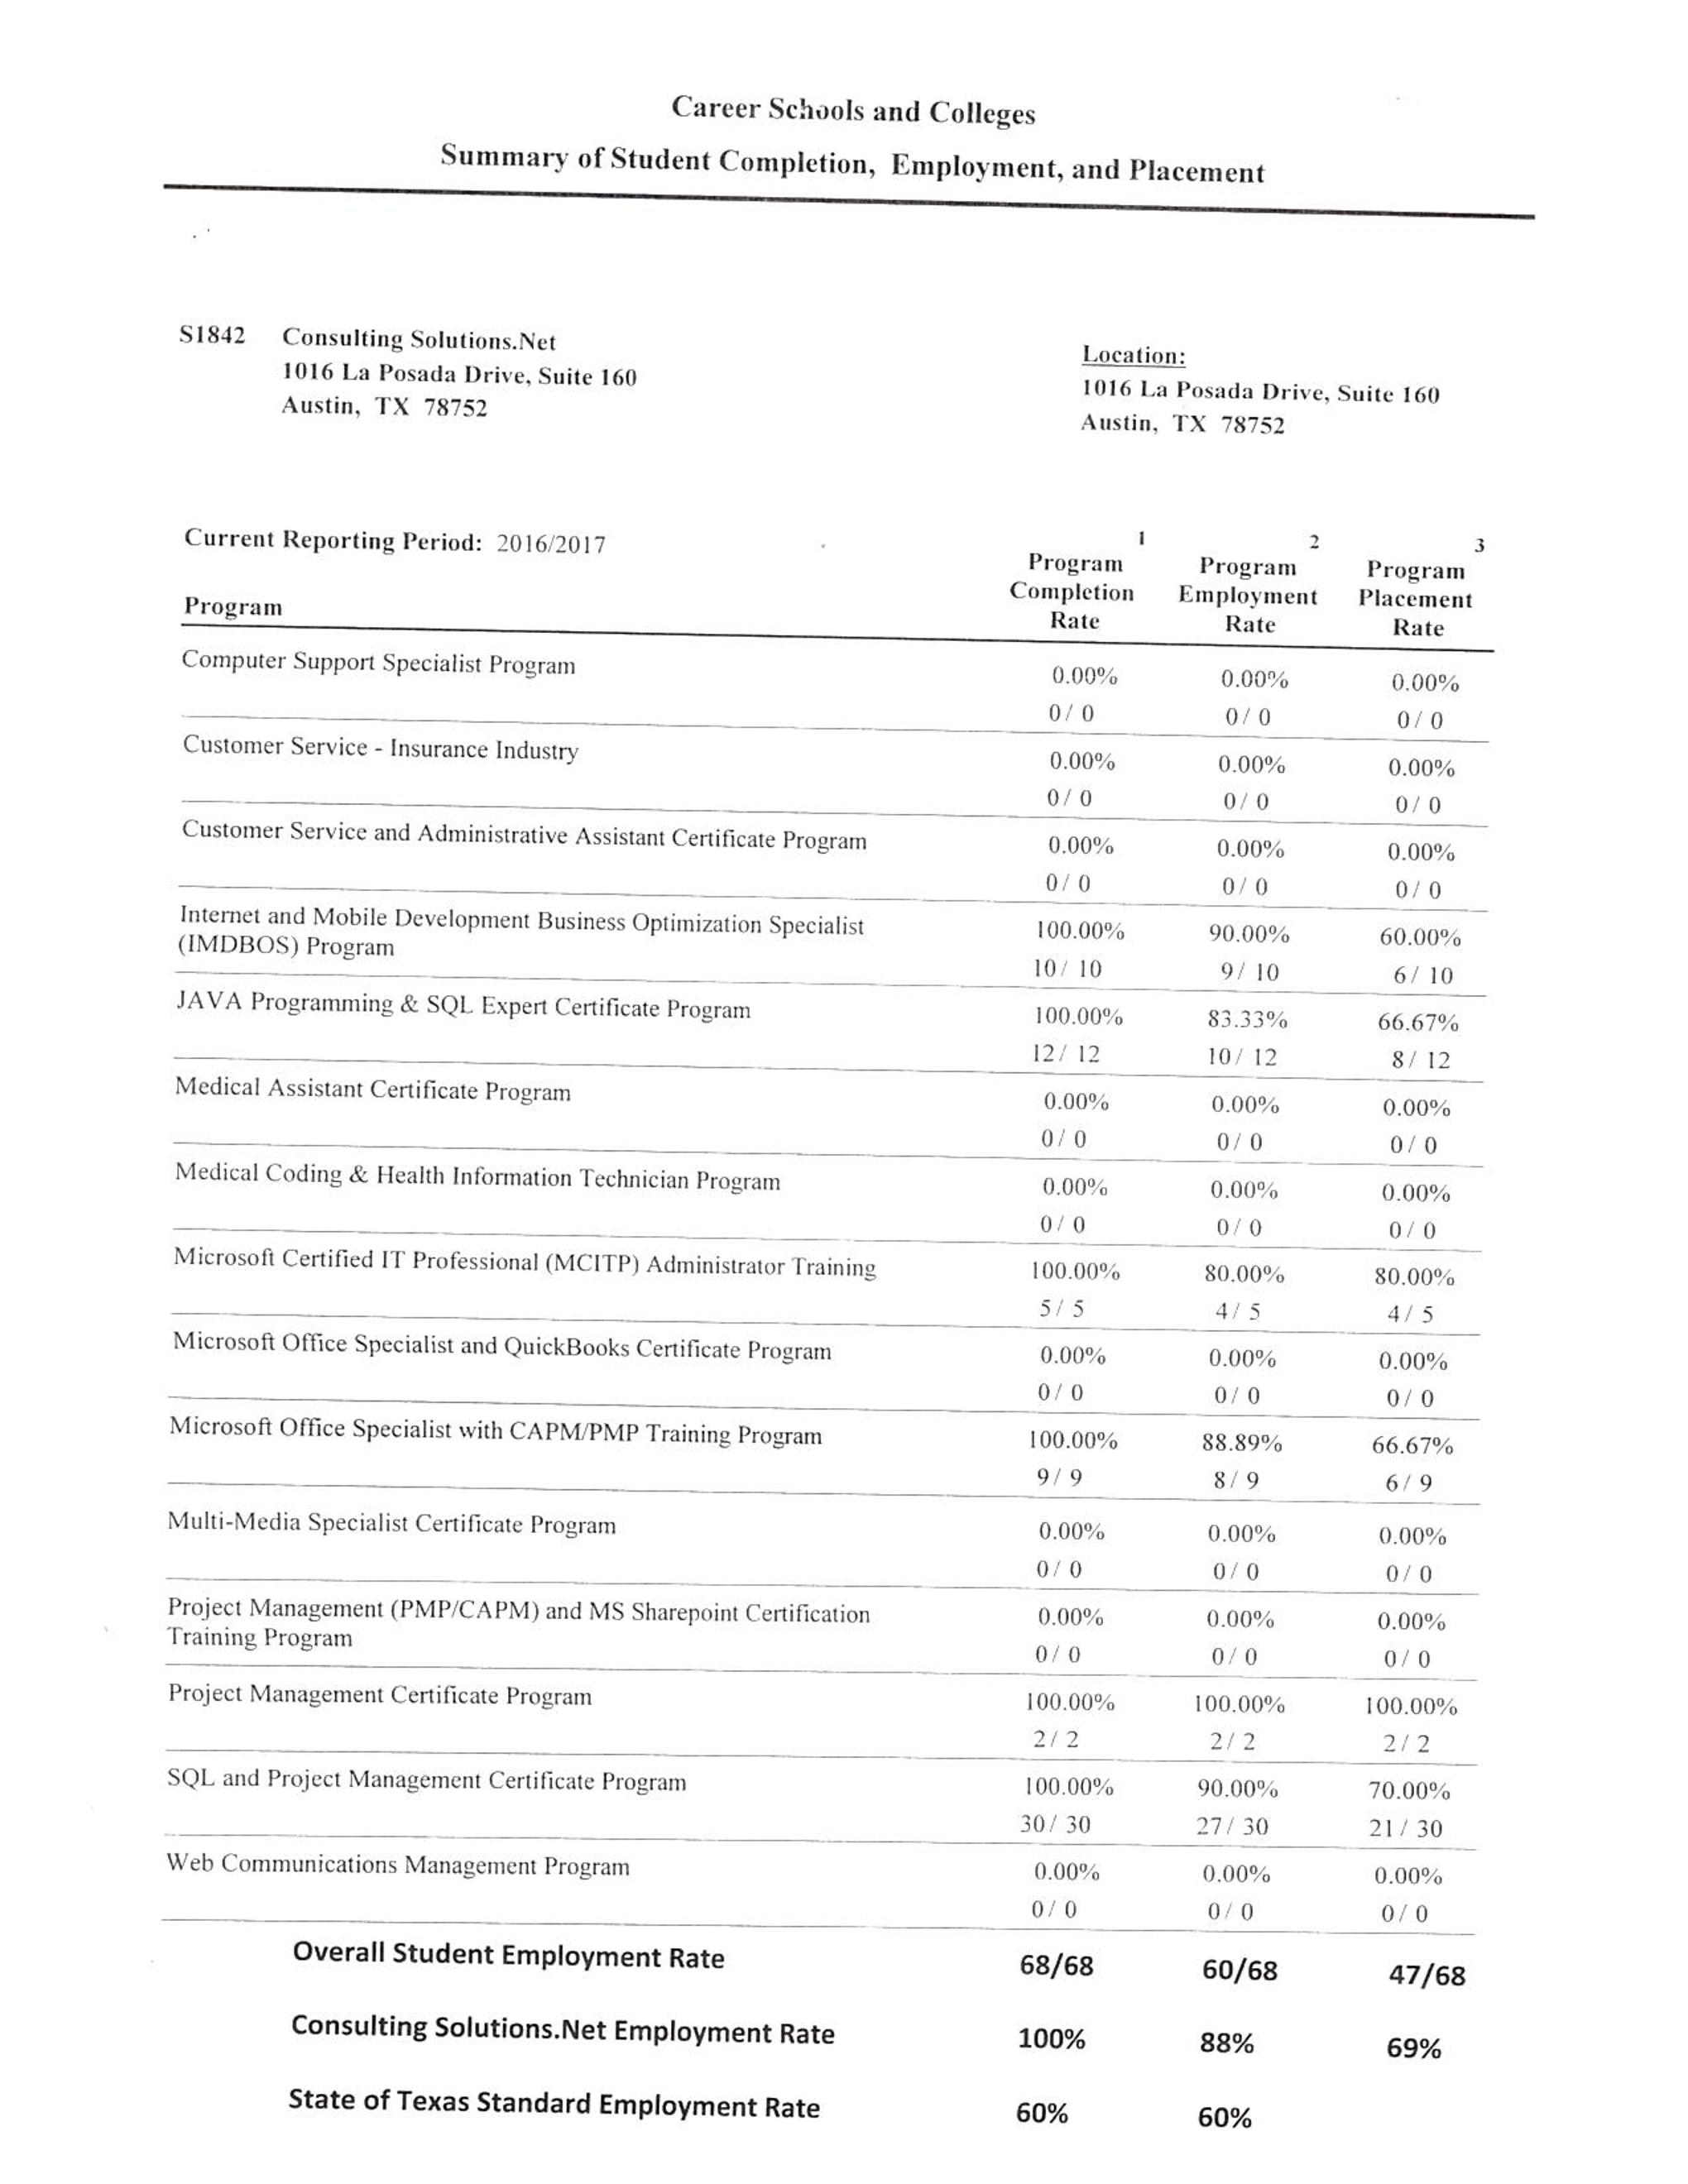 2016-17 report.jpg